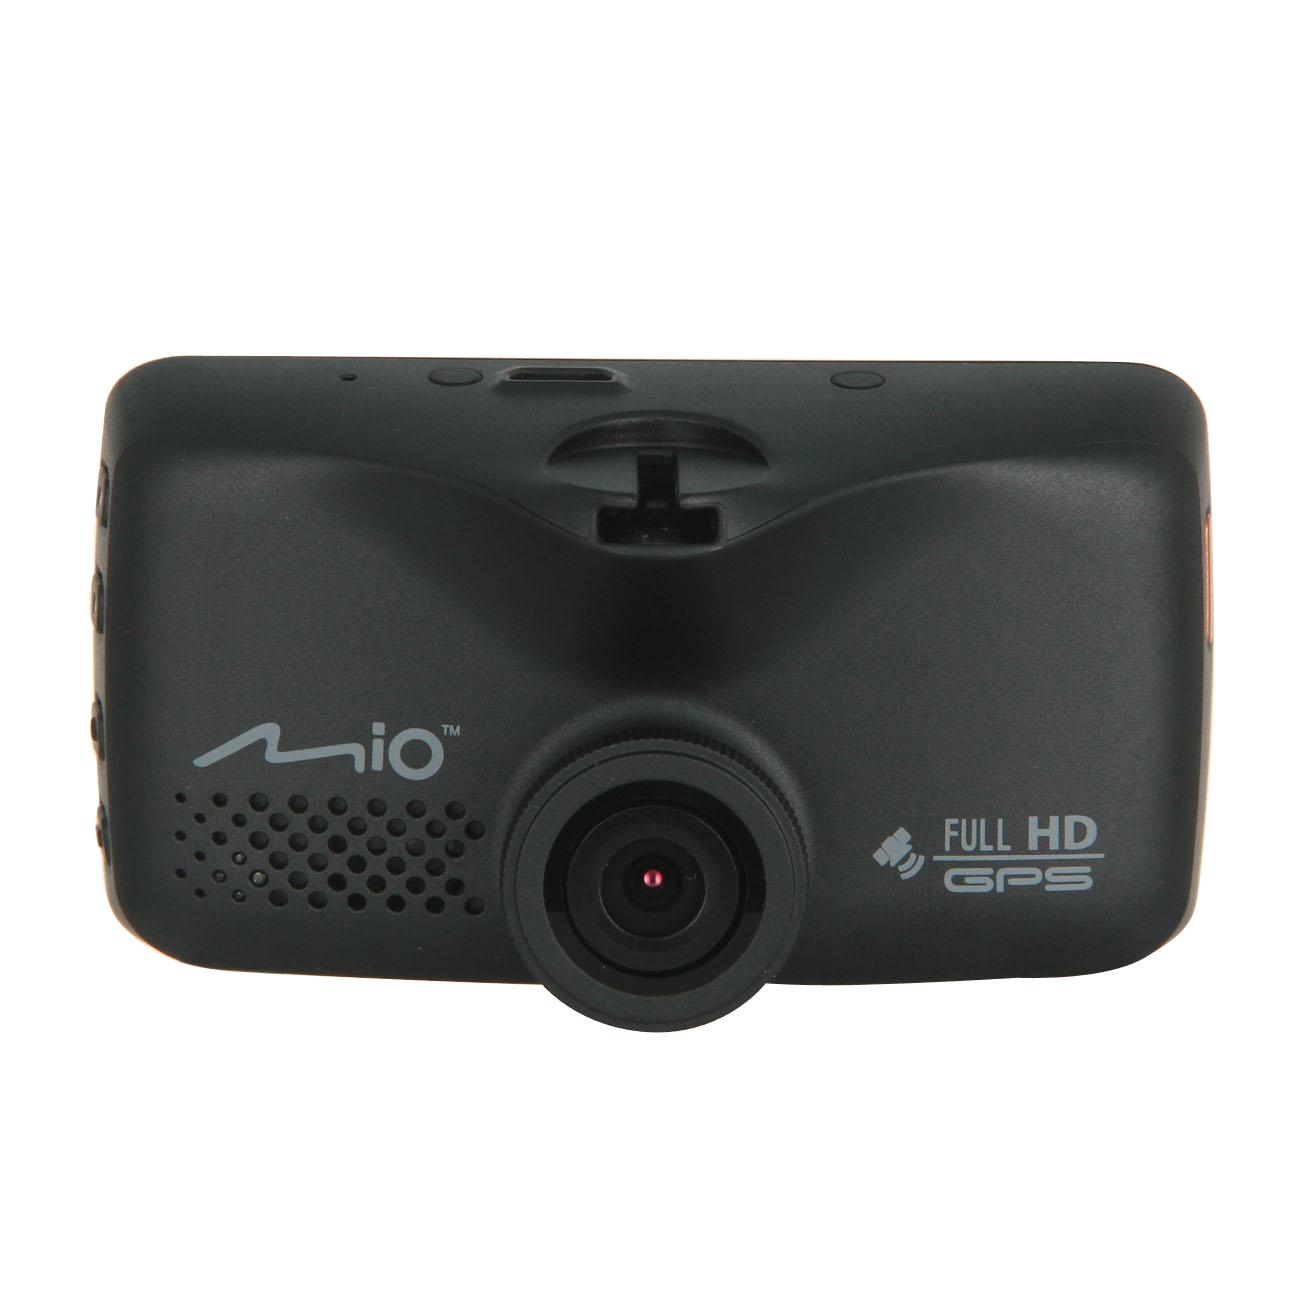 Купить видеорегистратор в брянске недорого